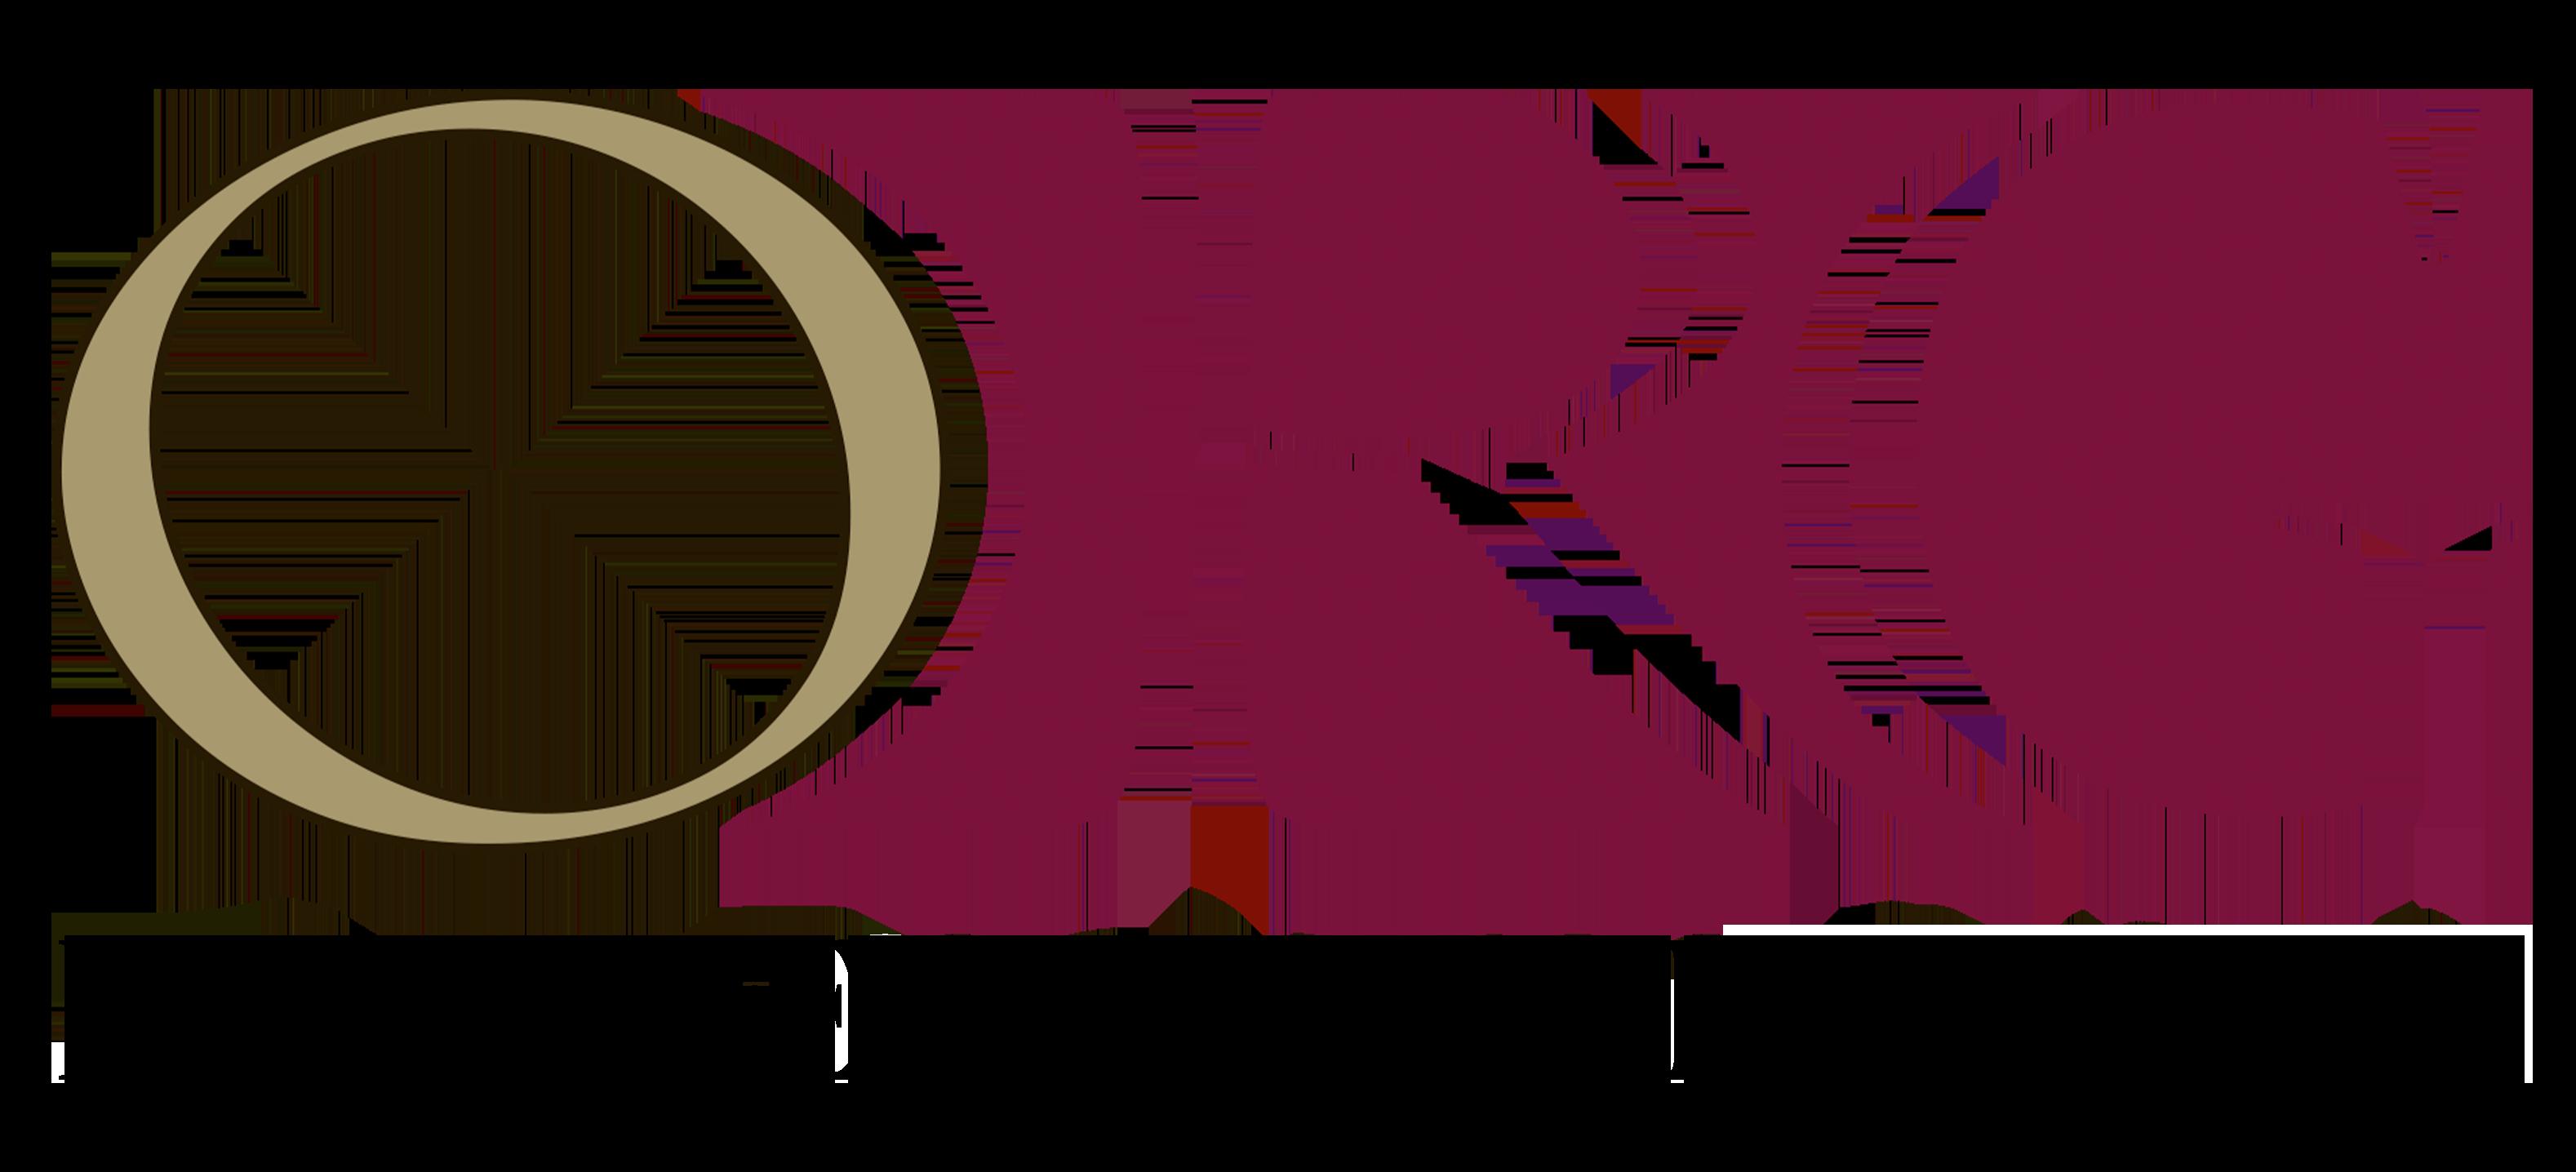 Logo for ORG Private Advisor Group